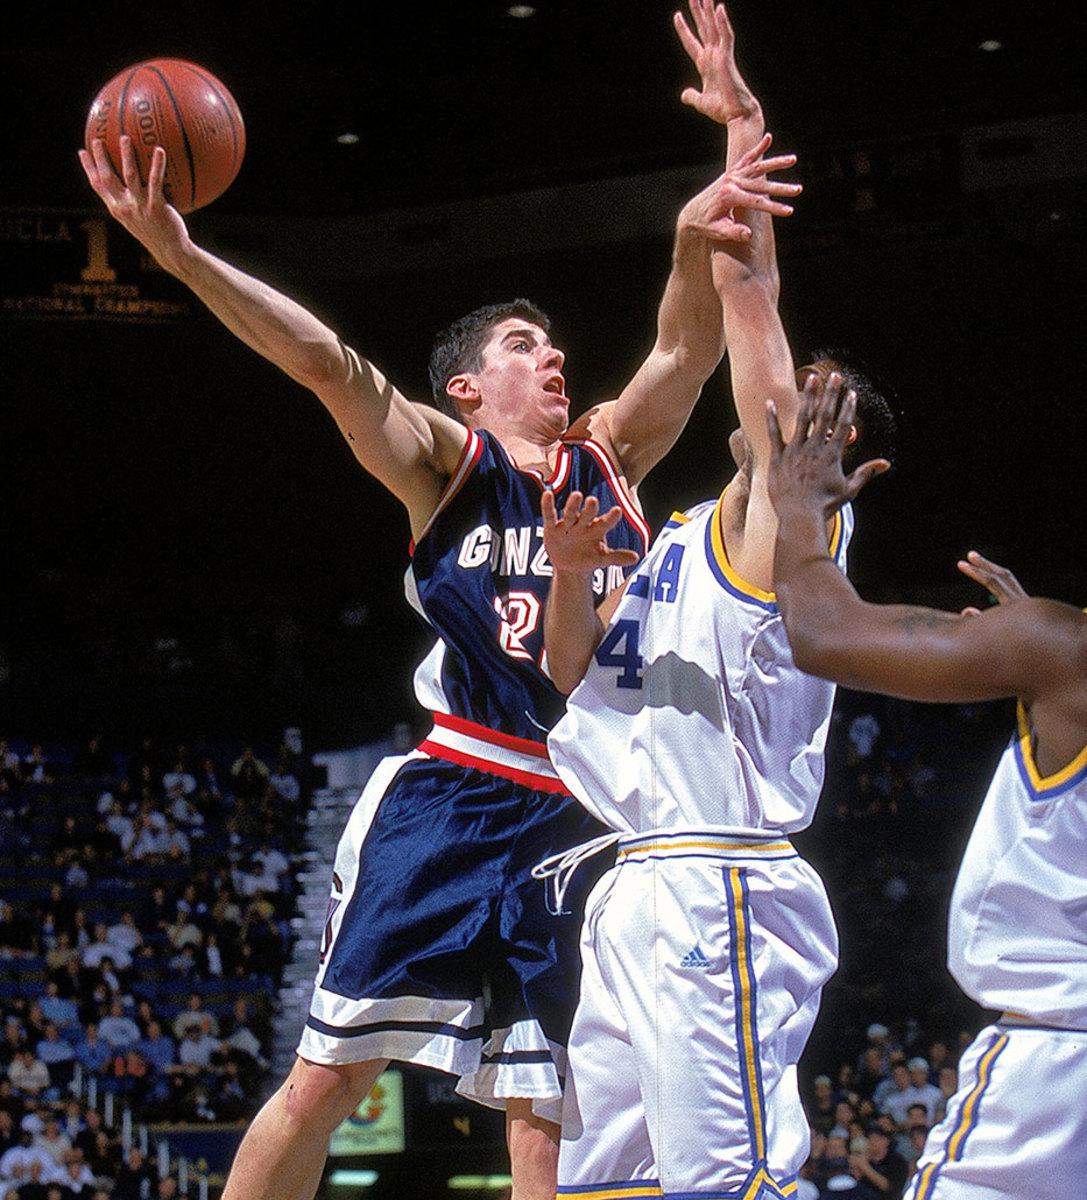 Mike Nilson at Gonzaga